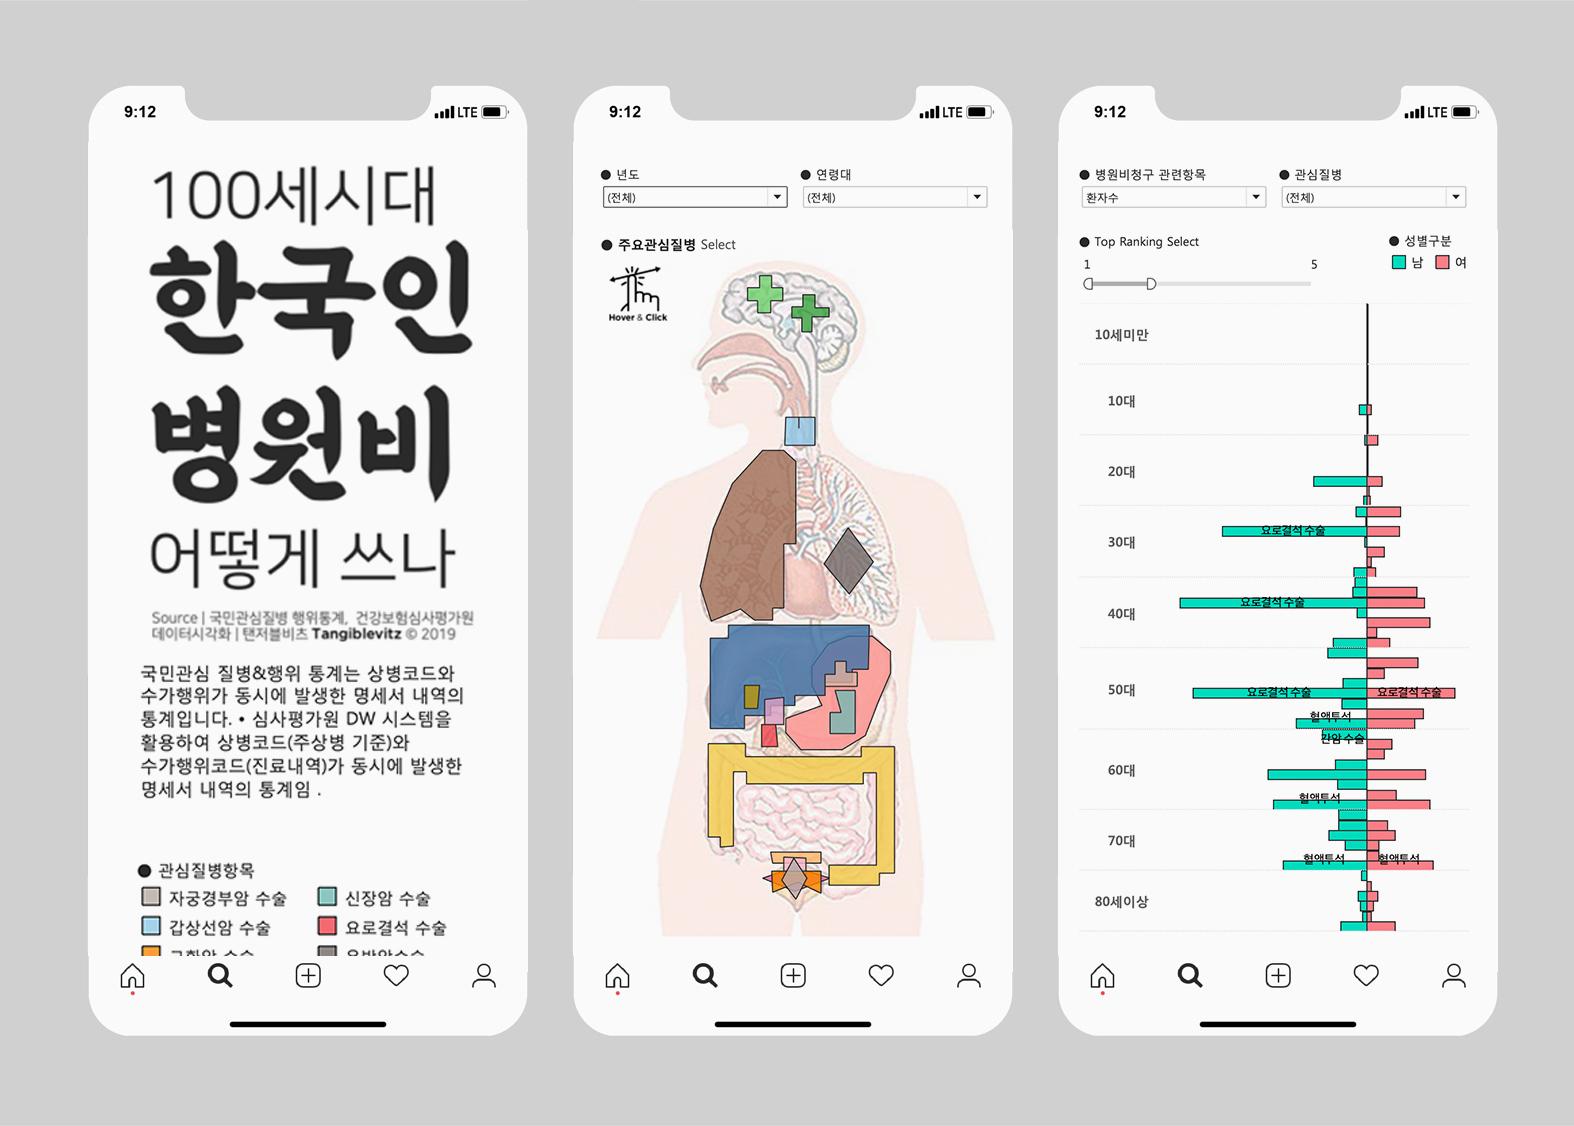 한국인 관심질병 데이터시각화 by 탠저블비츠